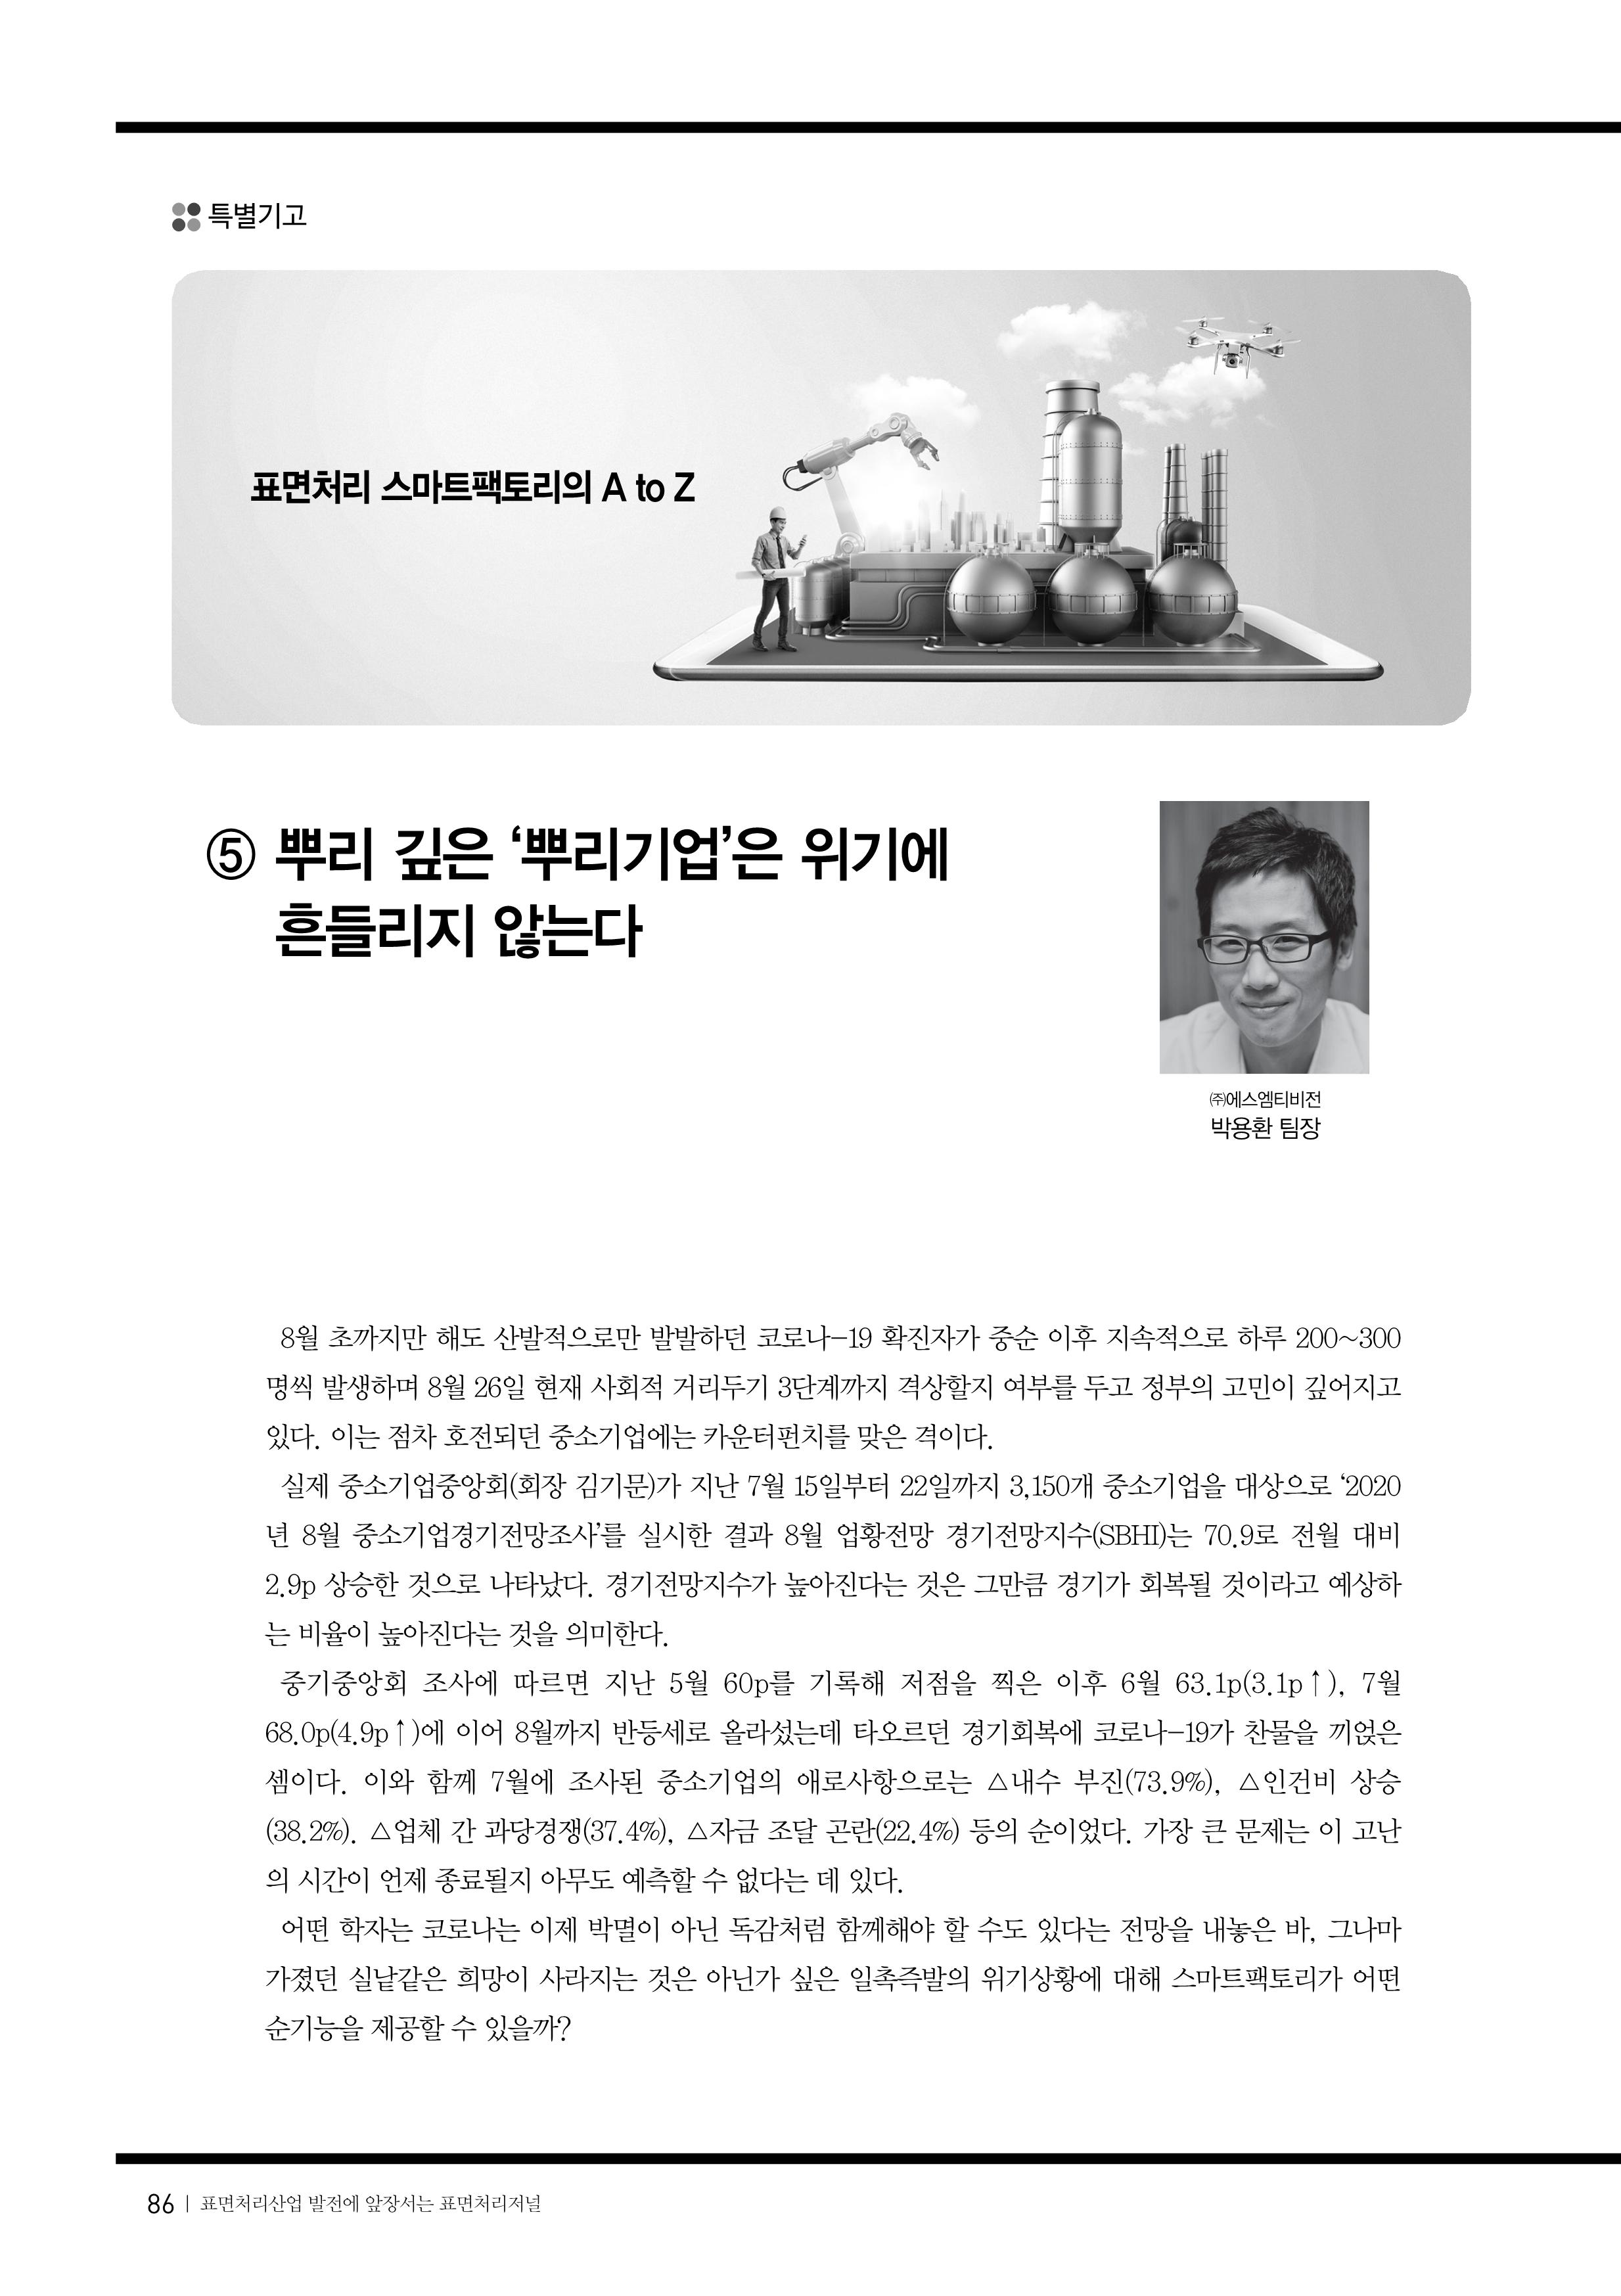 2009 표면처리저널 (SMT 광고, 기고)_2.png